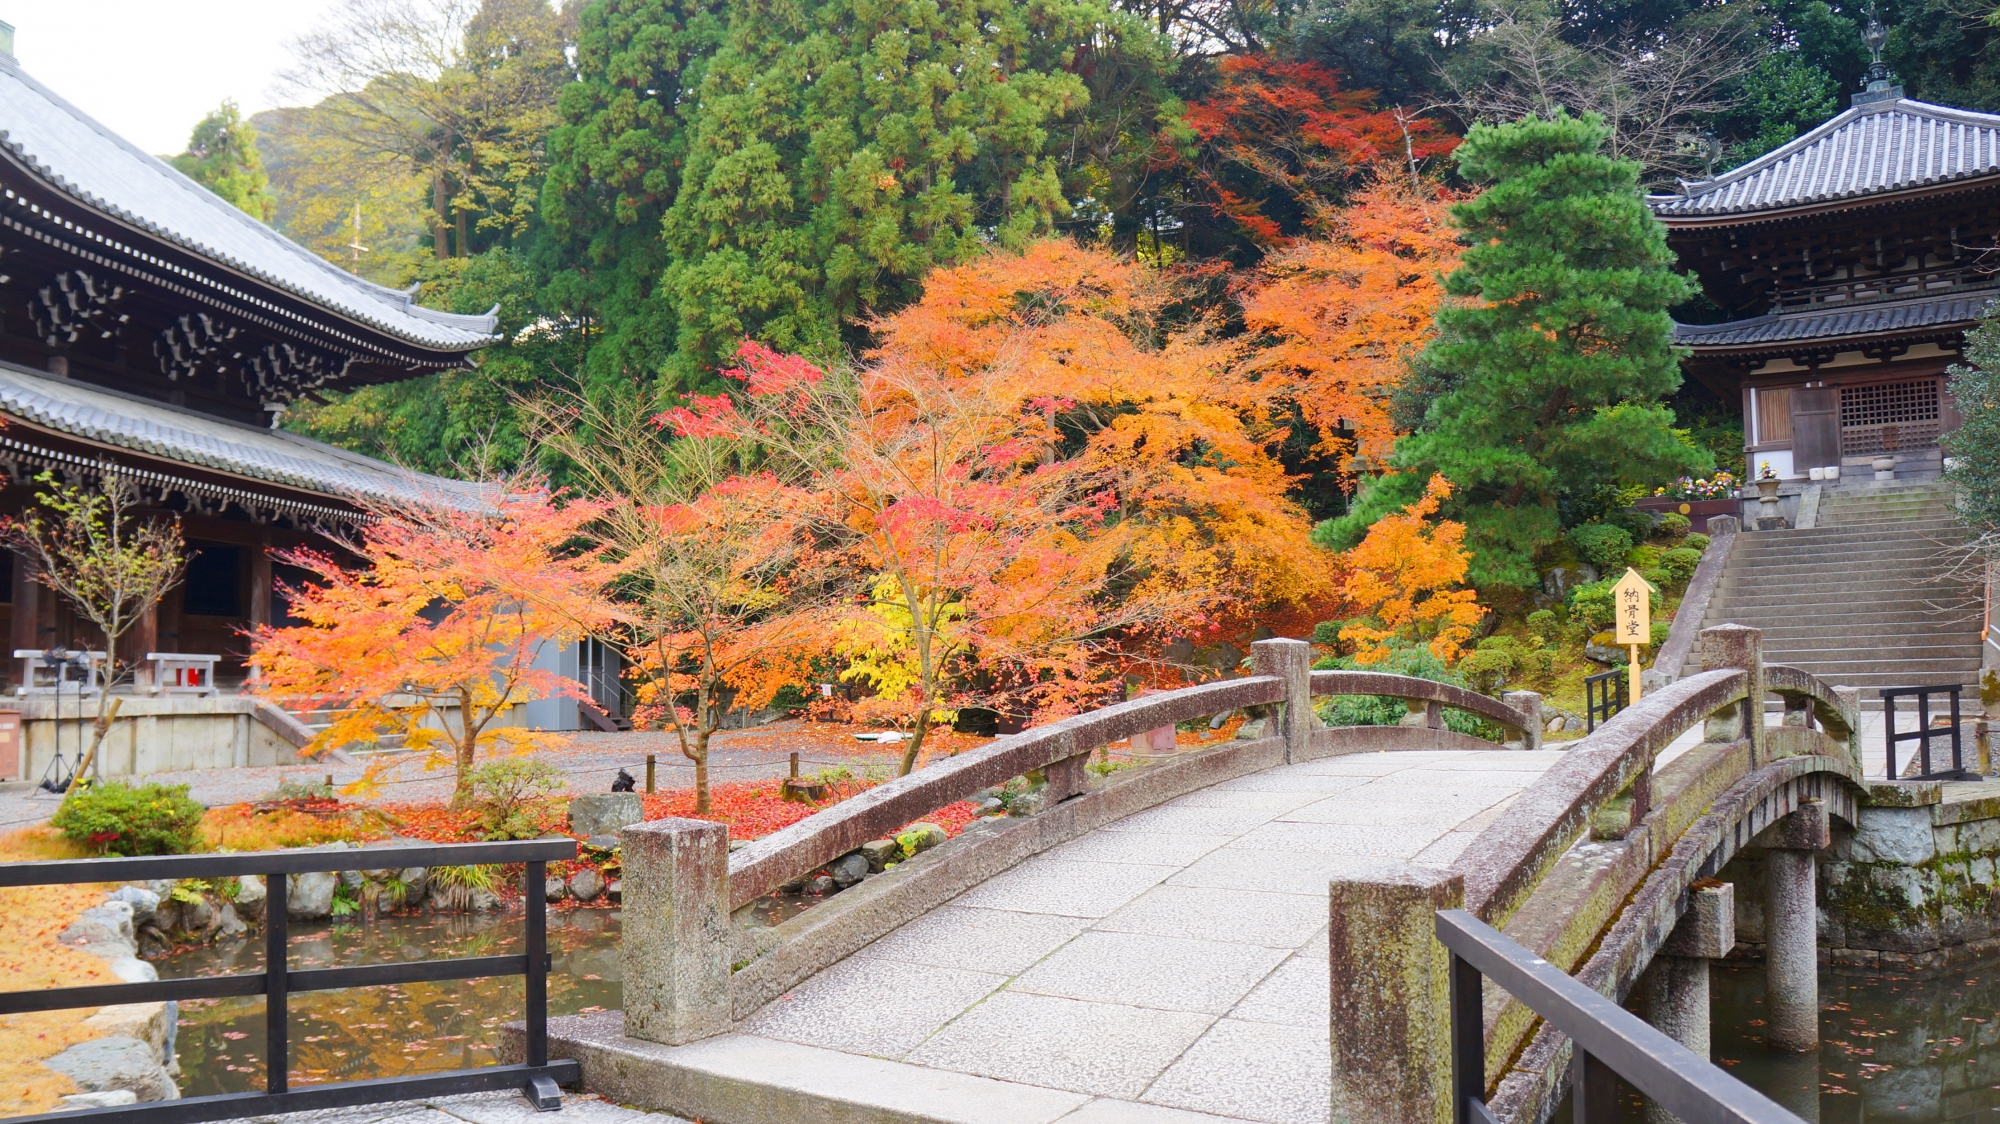 晩秋の知恩院の納骨堂付近の紅葉